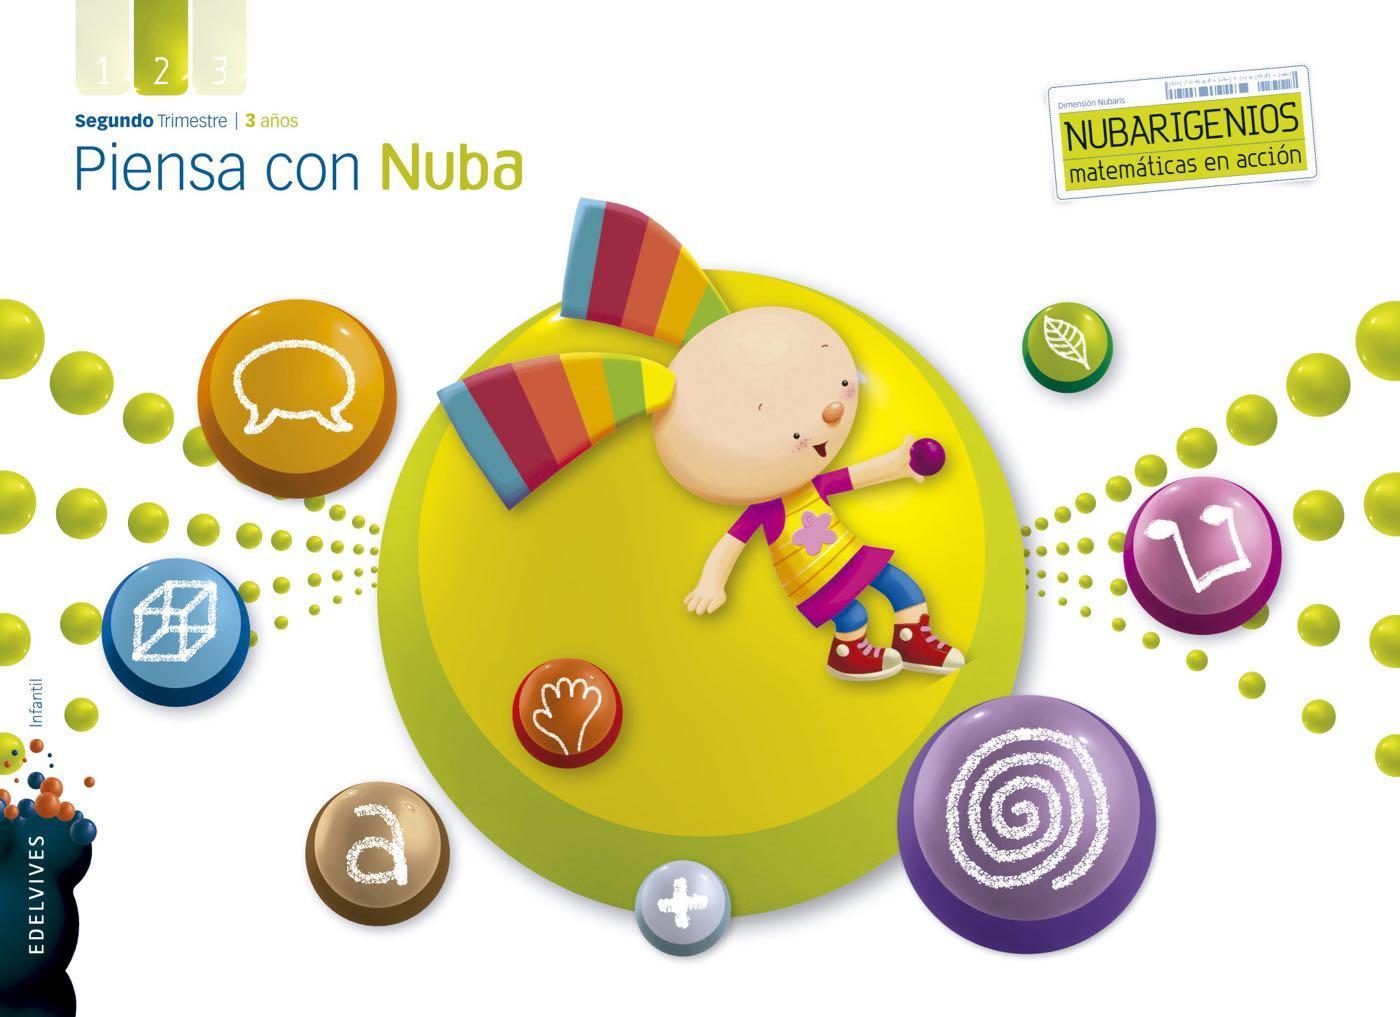 LIBRO DE TEXTO - 1 INFANTIL PIENSA CON NUBA. TRIMESTRE 2. 3 AÑOS